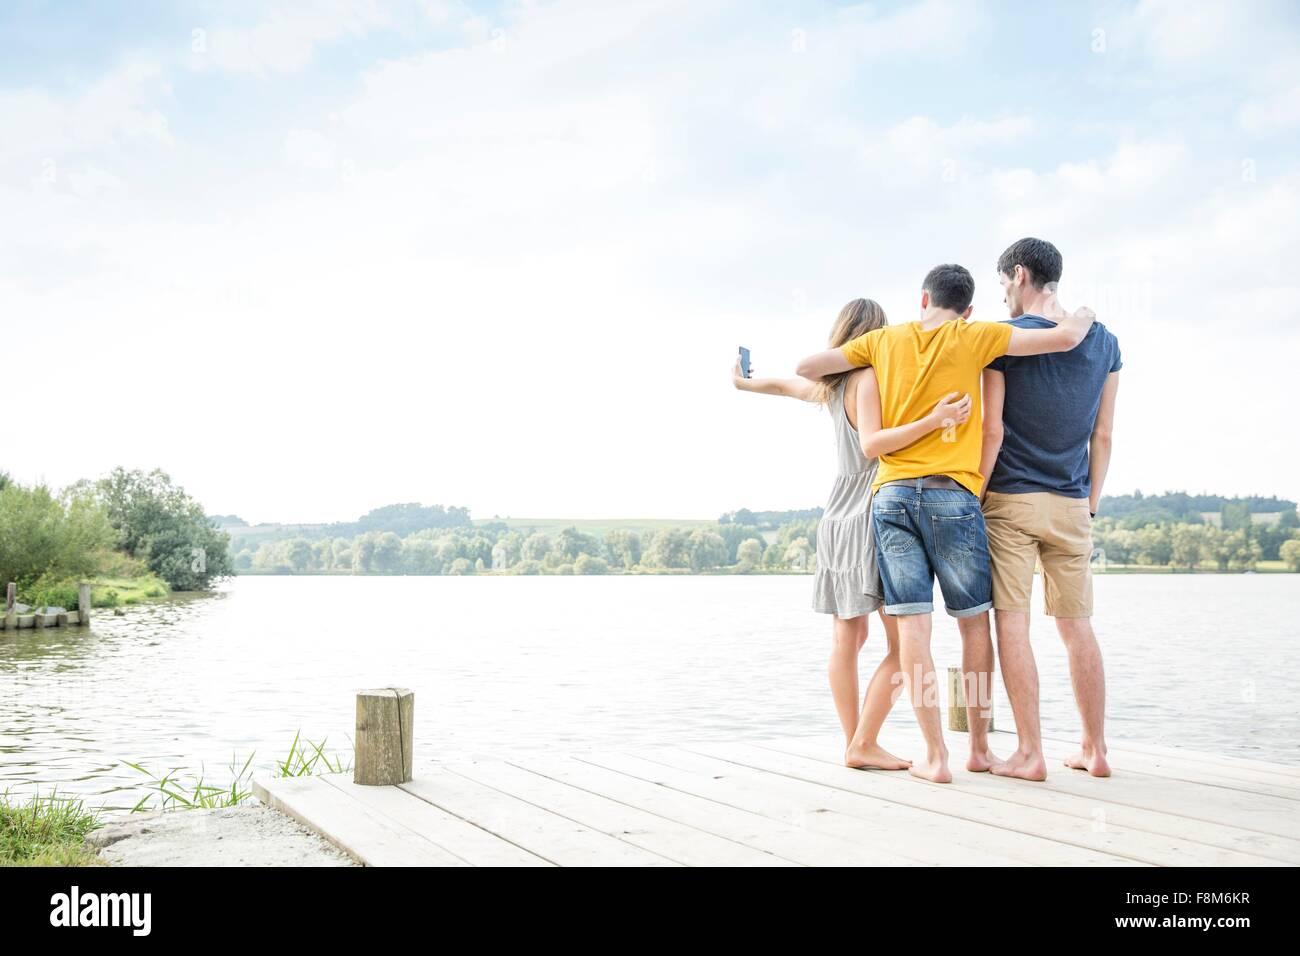 Drei jungen Erwachsenen stehen auf Steg, Selbstbildnis, mit Smartphone, Rückansicht Stockbild